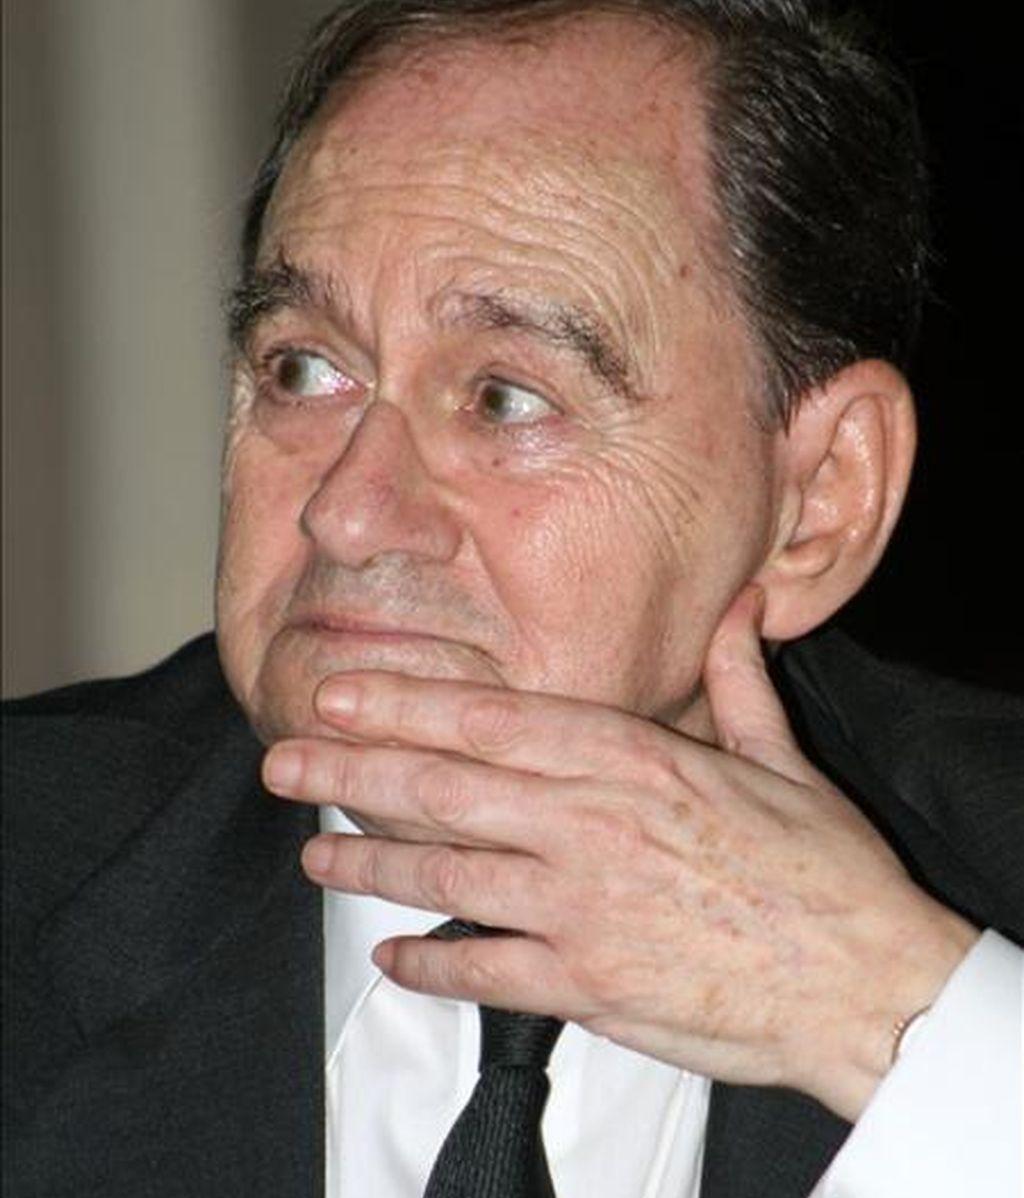 El Tribunal Supremo ha fallado en contra del ex director del teatro Español Gustavo Pérez Puig (en una imagen de archivo) en su pleito contra el socialista Rafael Simancas por intromisión en su honor, como ya lo hicieron en el año 2000 el Juzgado de Primera Instancia número 50 de Madrid y la Audiencia Provincial. EFE